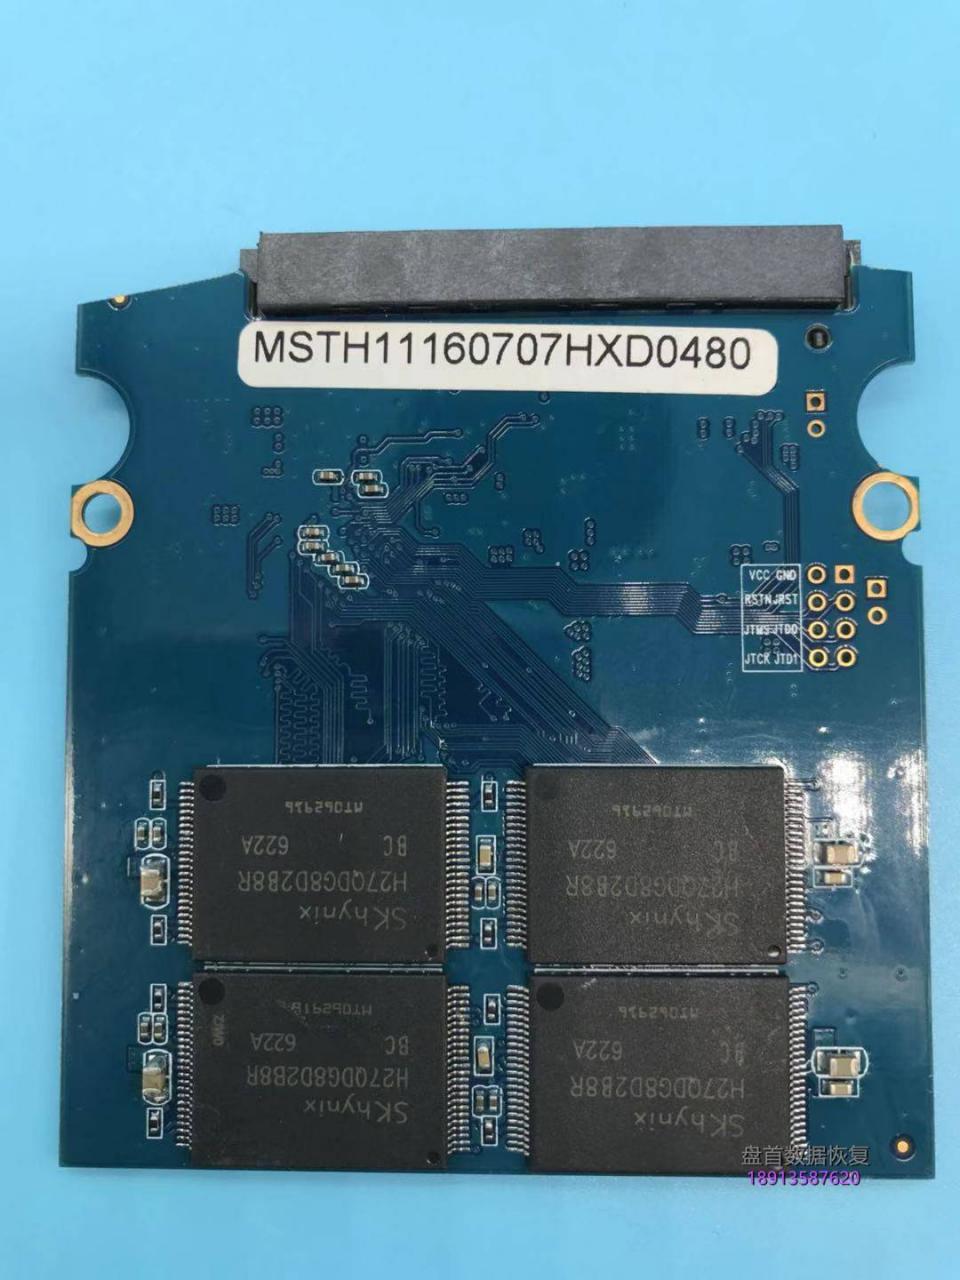 SM2246XT主控德乐120G固态硬盘掉盘无法识别不读盘数据恢复成功